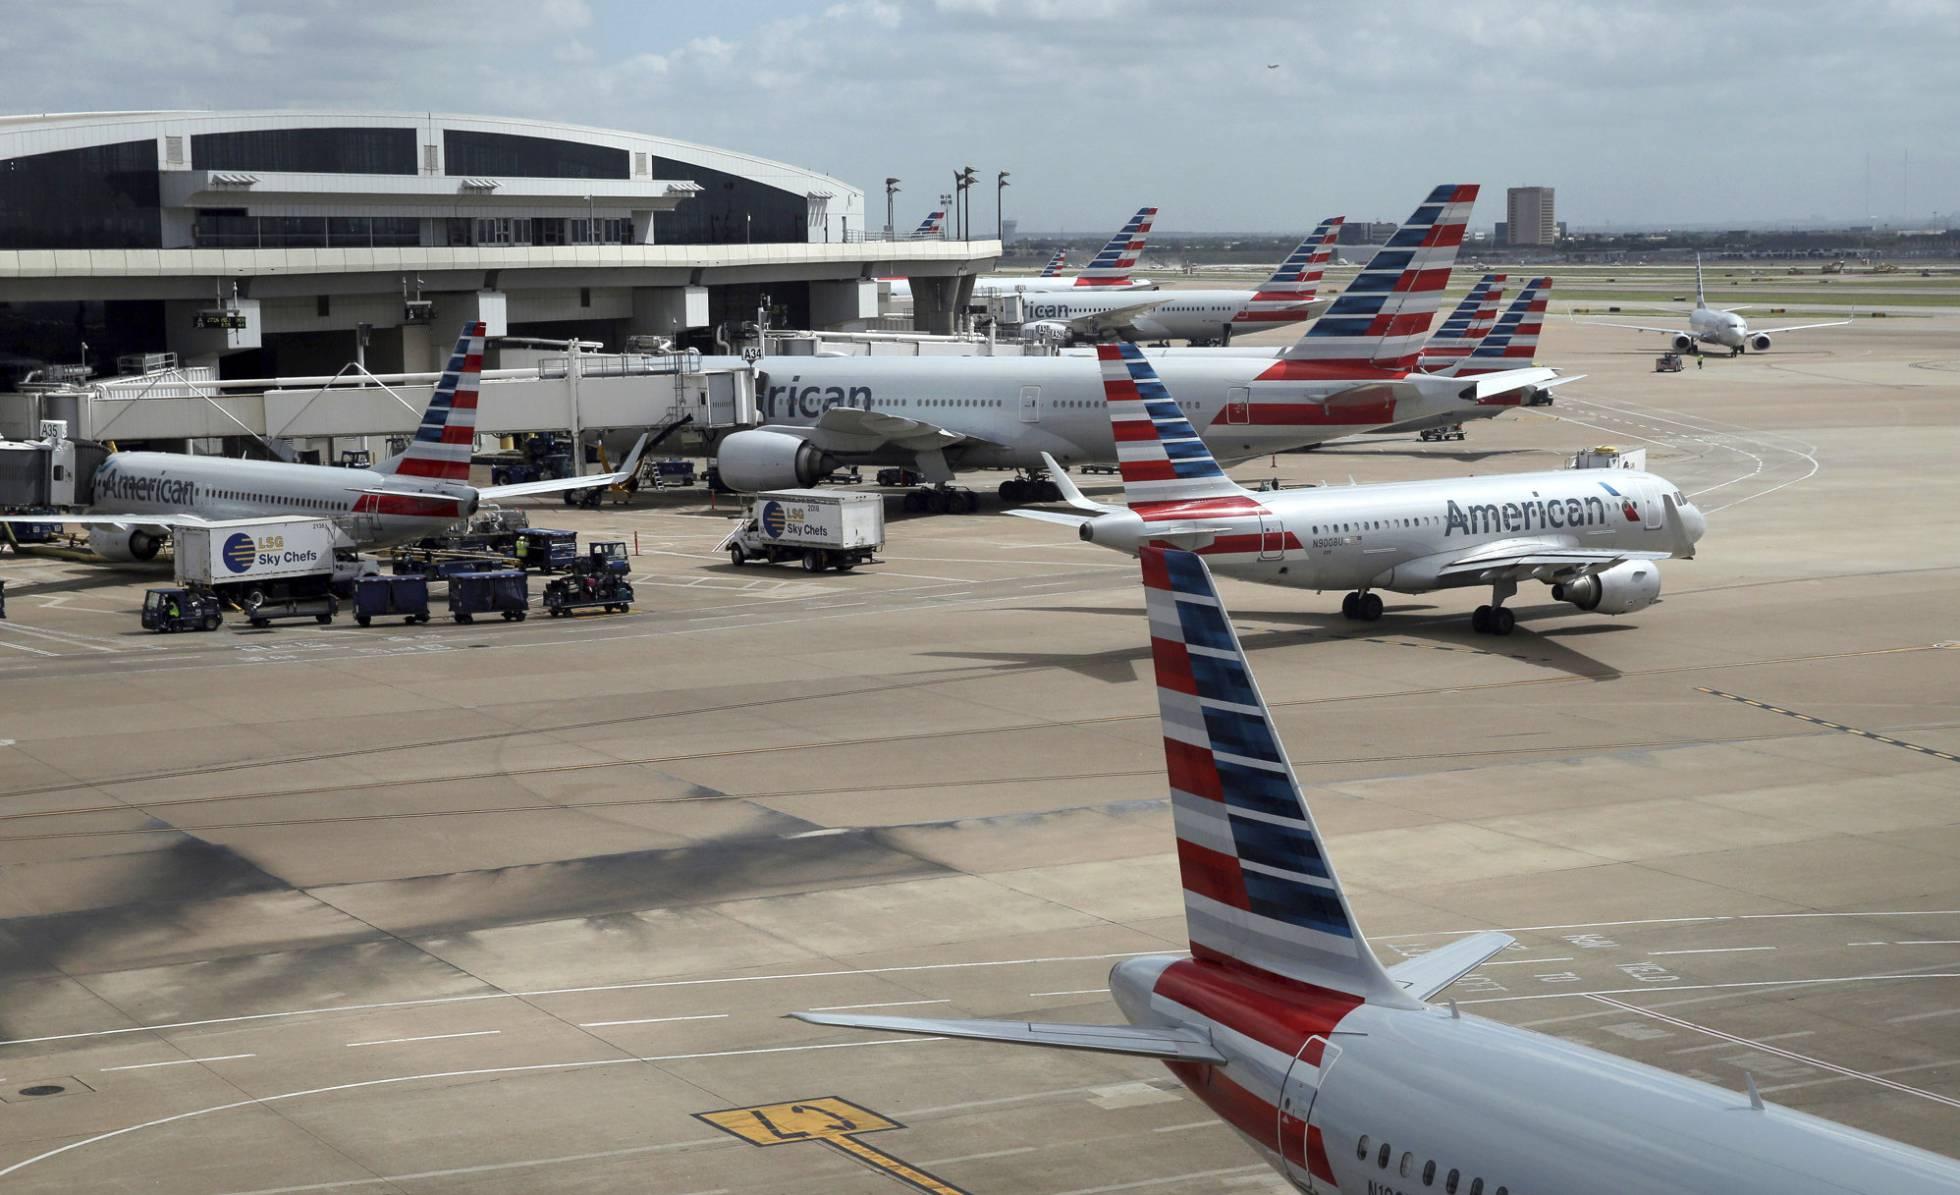 Las aerolíneas piden a Trump que deje de emplear sus aviones para trasladar niños separados de sus padres